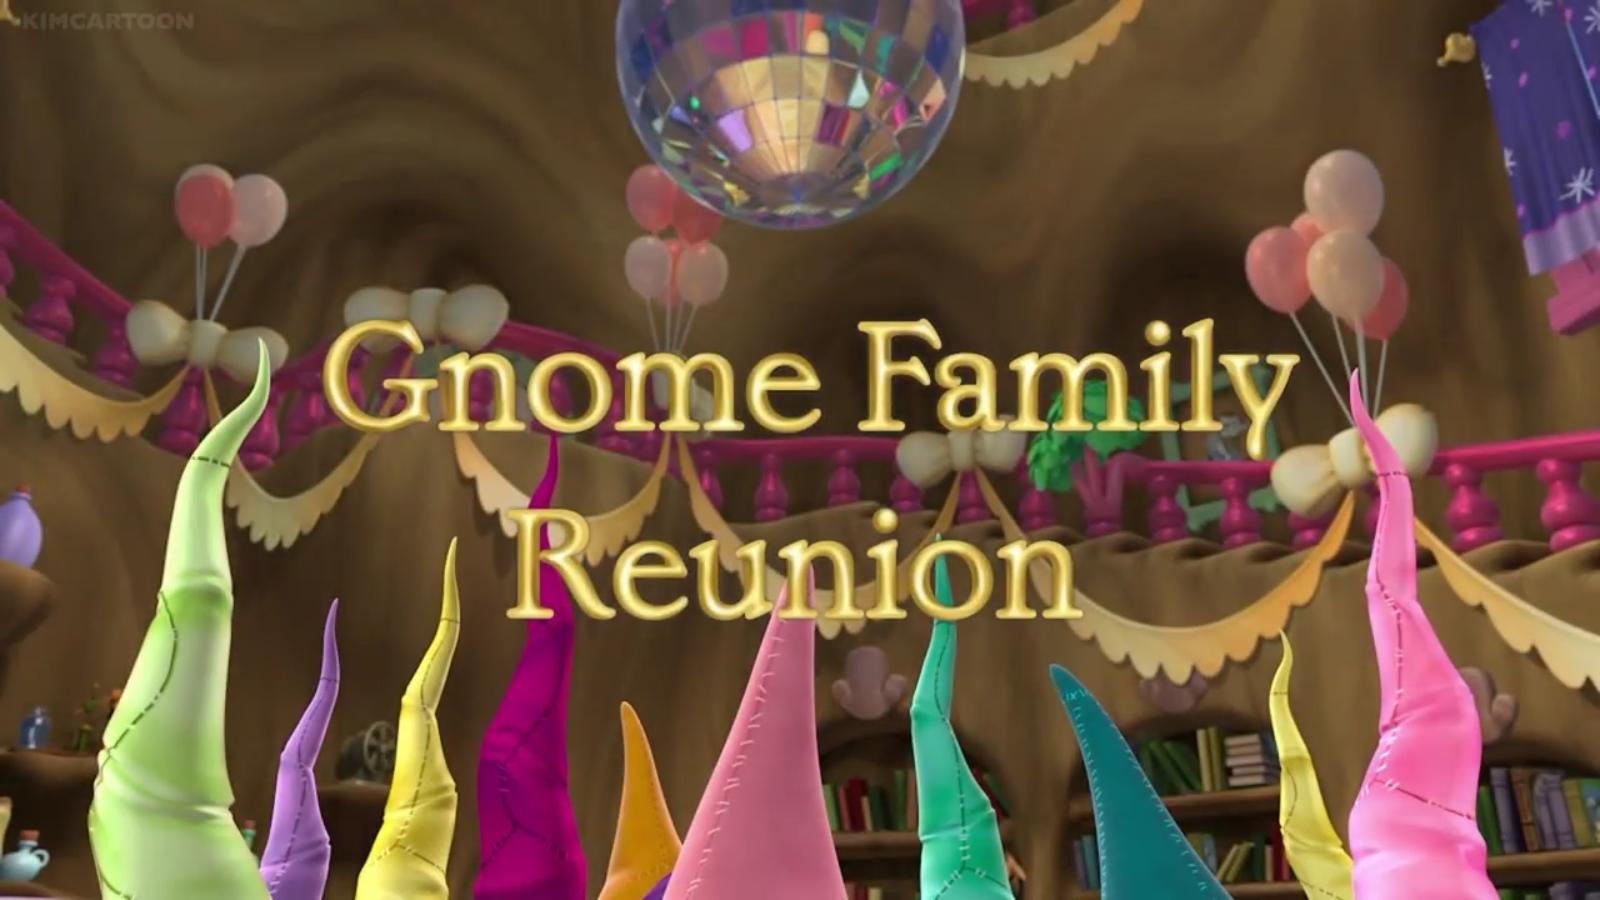 Gnome Family Reunion